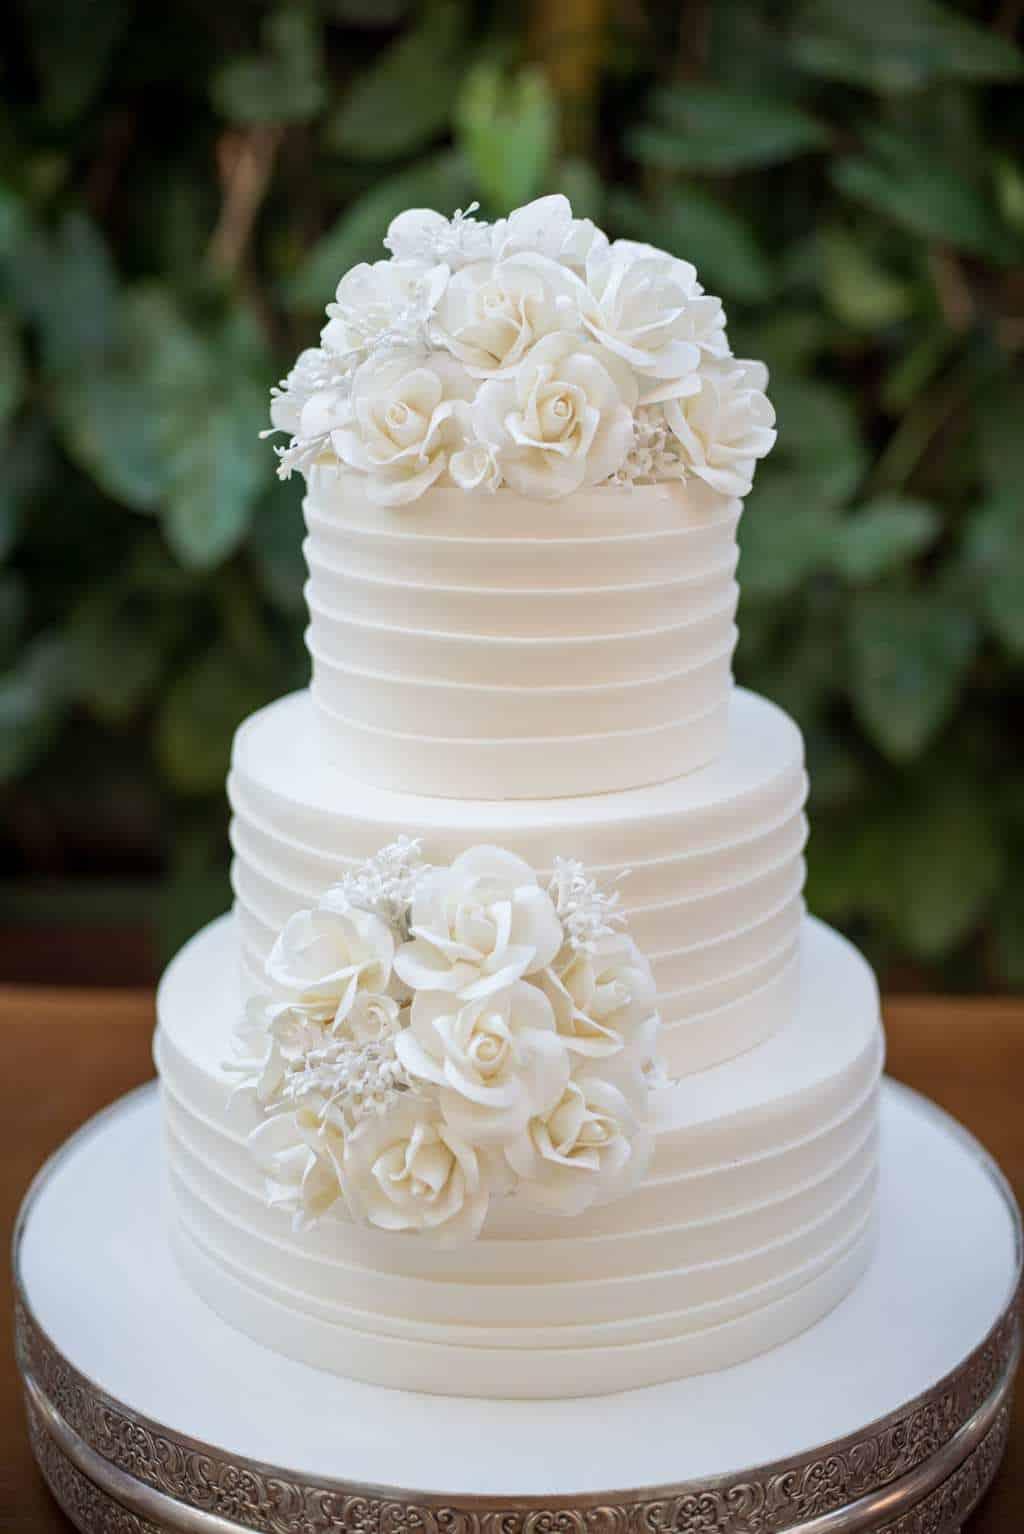 casamento-de-dia-casamento-Nicole-e-Thales-casamento-no-jardim-csasamento-ao-ar-livre-Fotografia-Marina-Fava-Galeria-Jardim-Rio-de-Janeiro-24